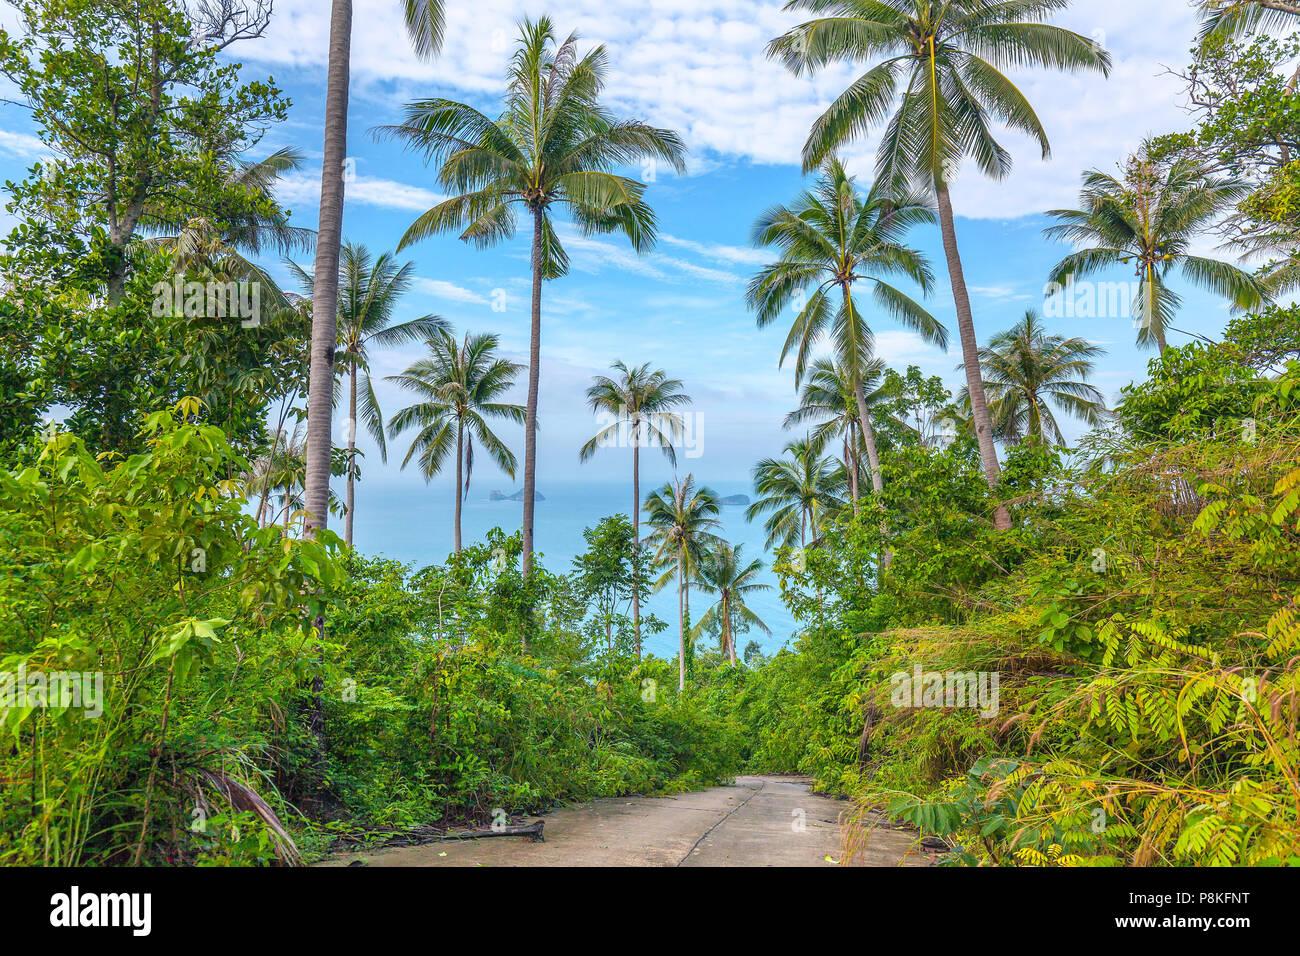 La nature de Koh Samui en Thaïlande. Photo Stock